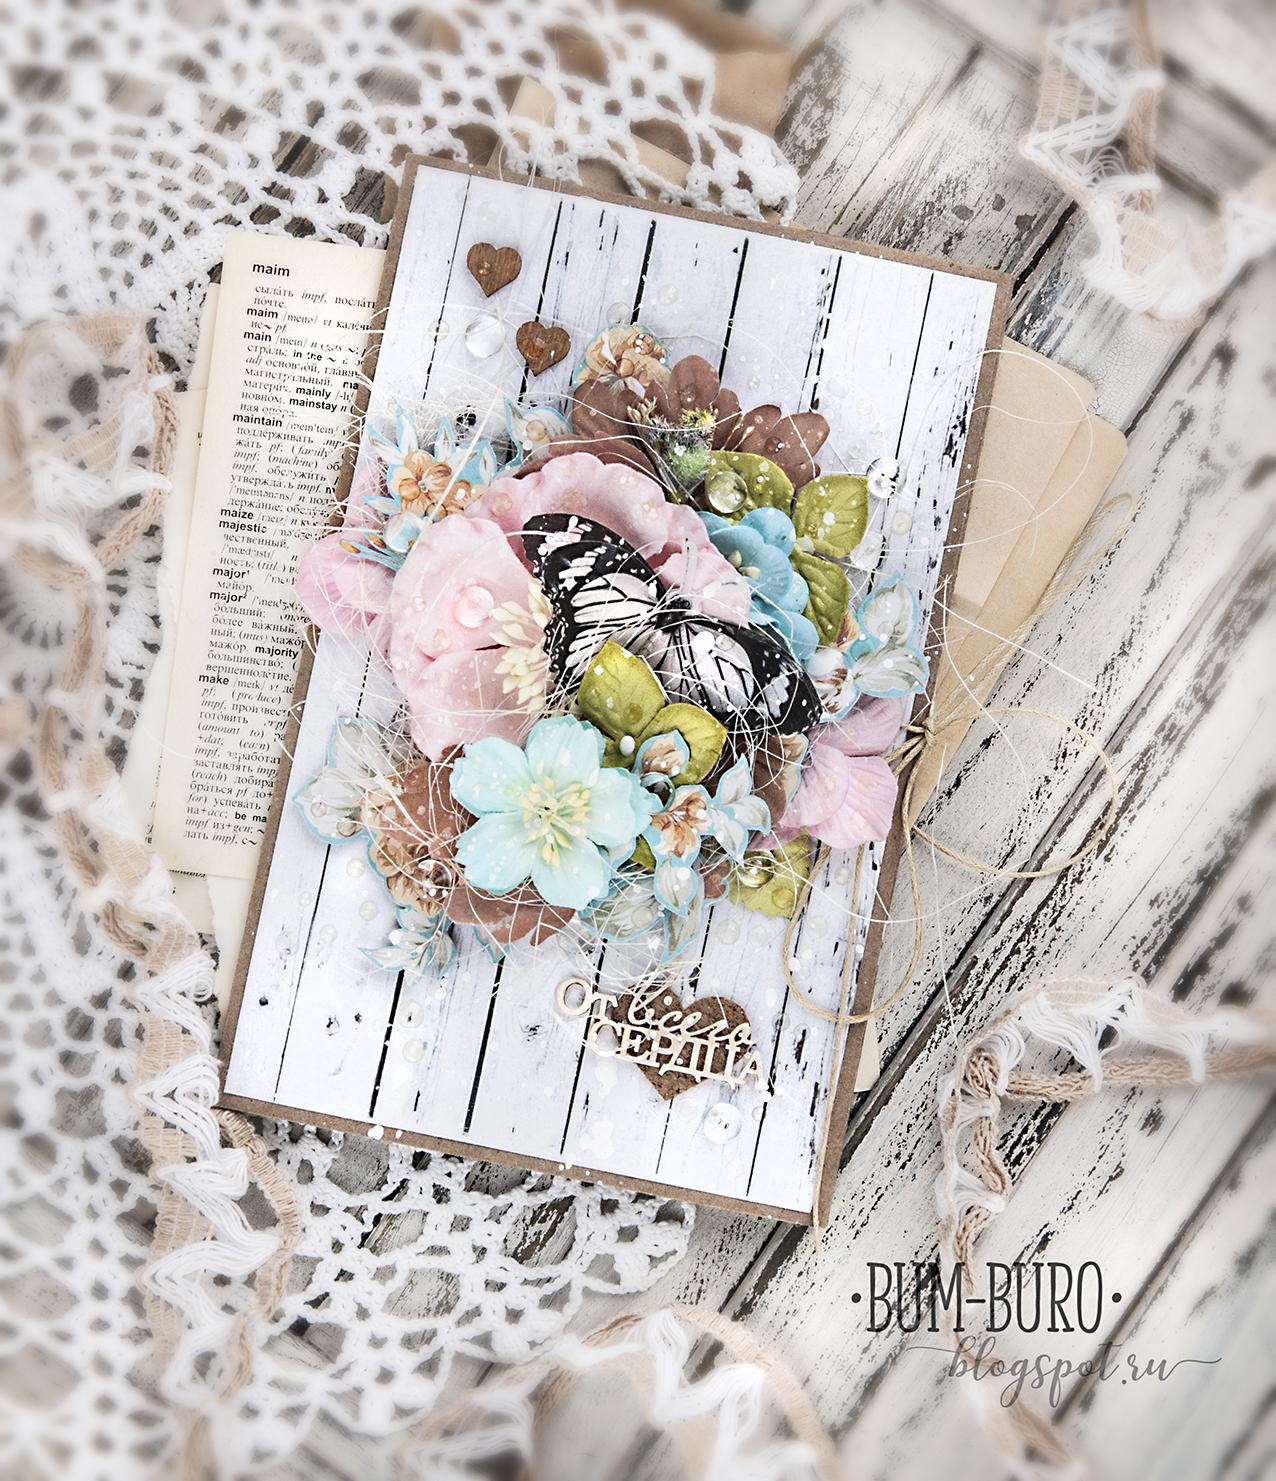 Школьному альбому, мастер-класс по изготовлению открыток из скрапбукинга на тему весна